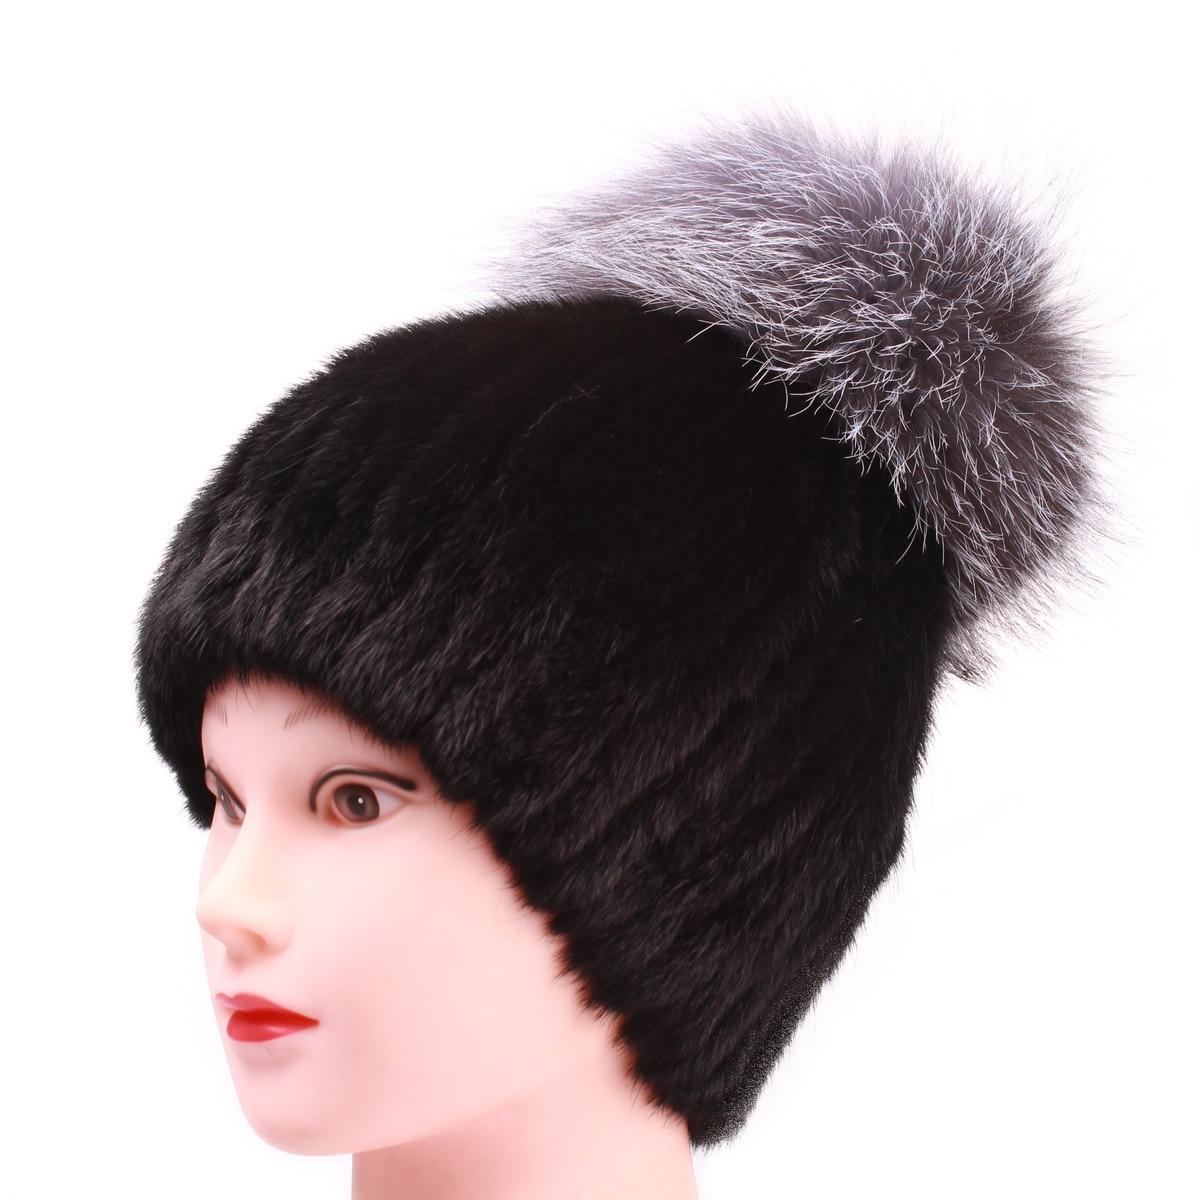 Chaud véritable vison fourrure chapeau femme casquette Nature tricot mode femmes hiver cagoule chapeaux filles chapeaux pour